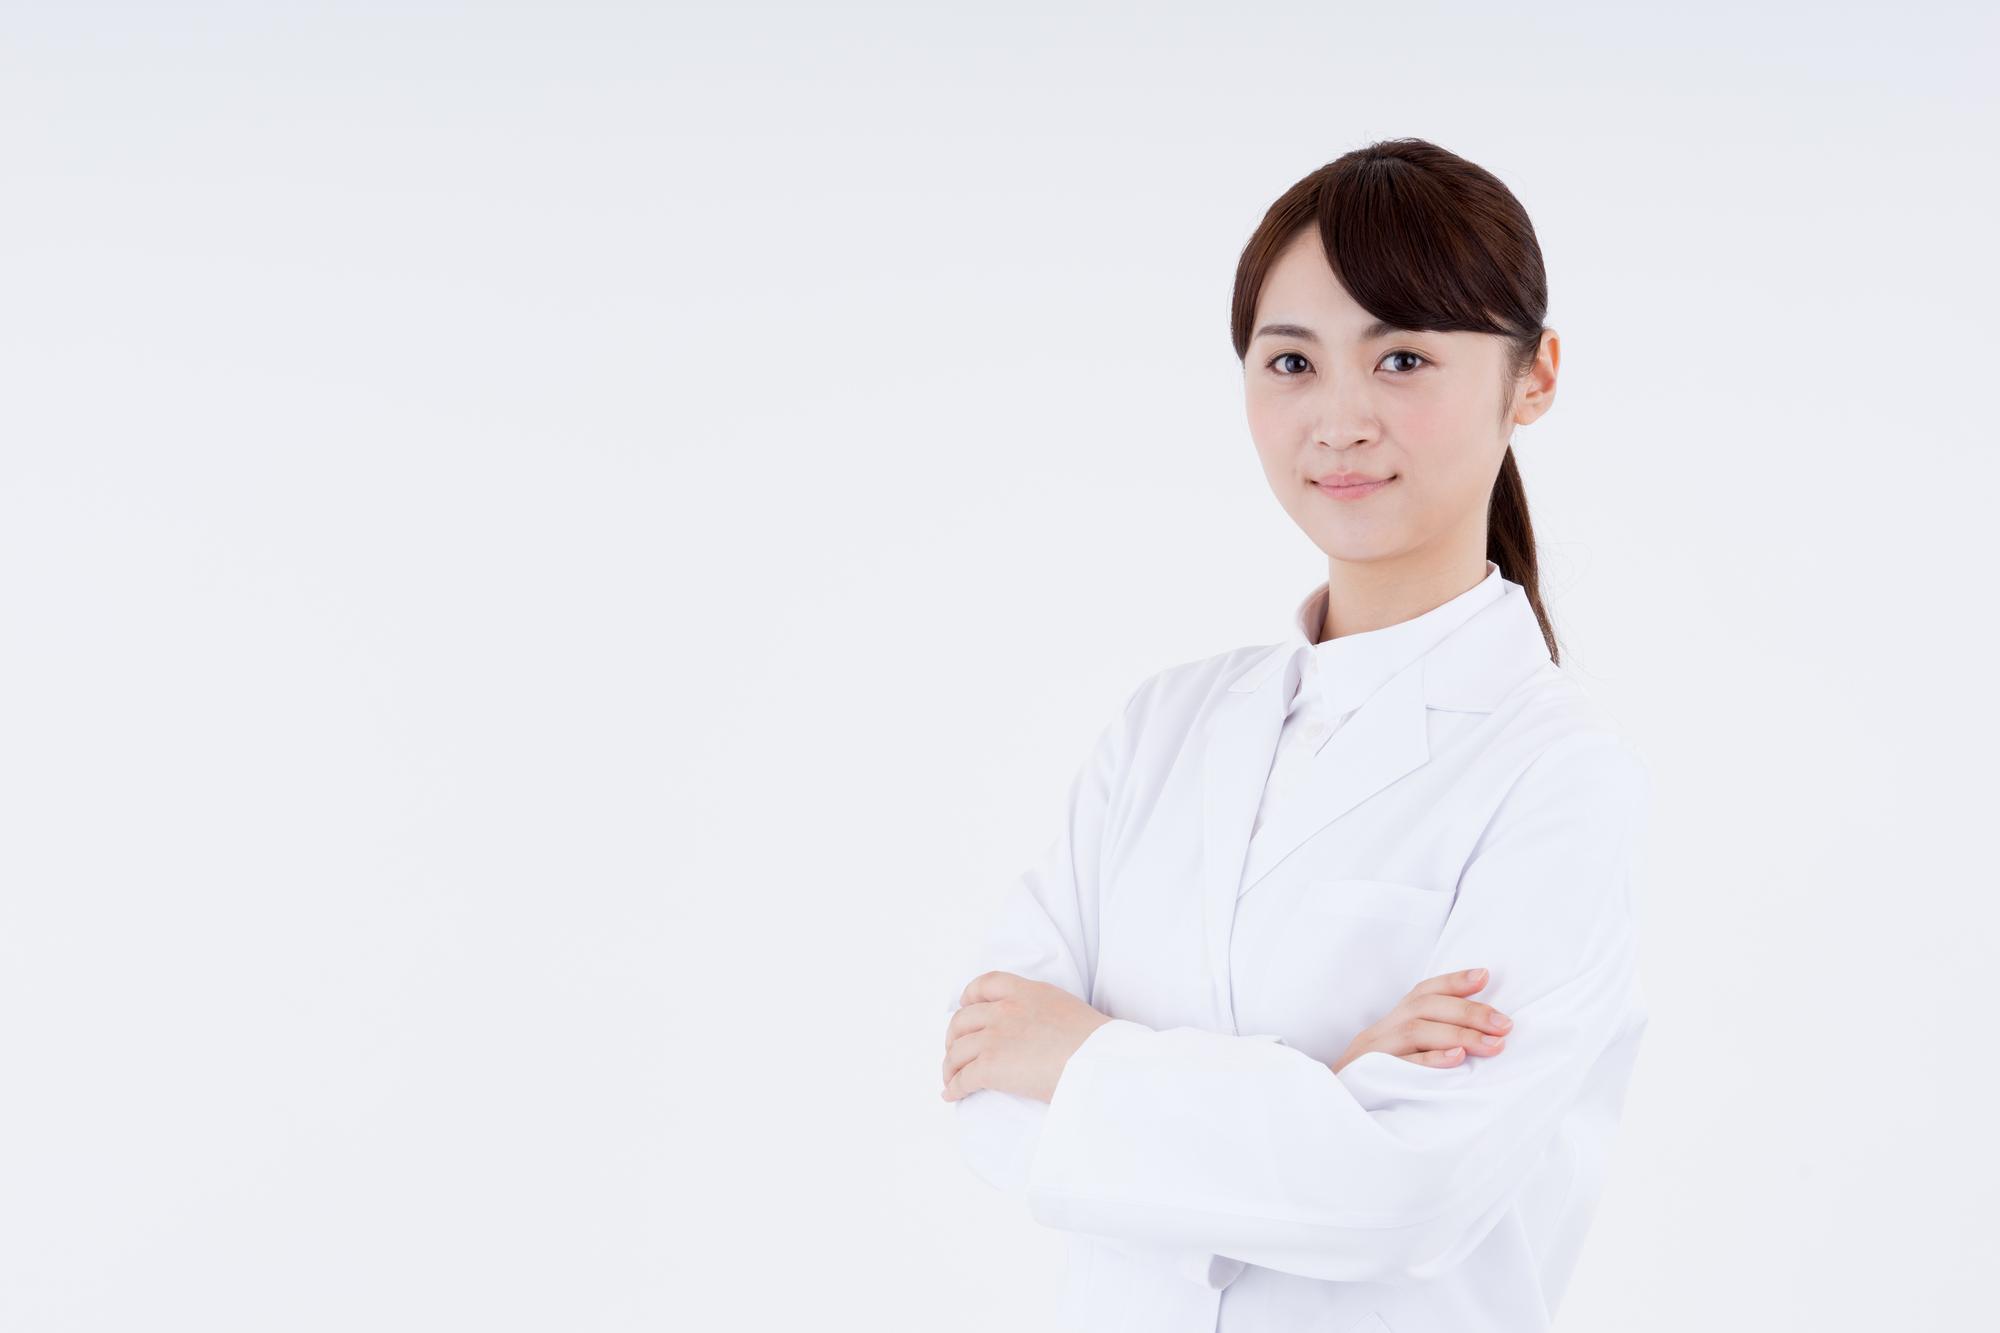 認定薬剤師とは 腕組み 資格の勉強